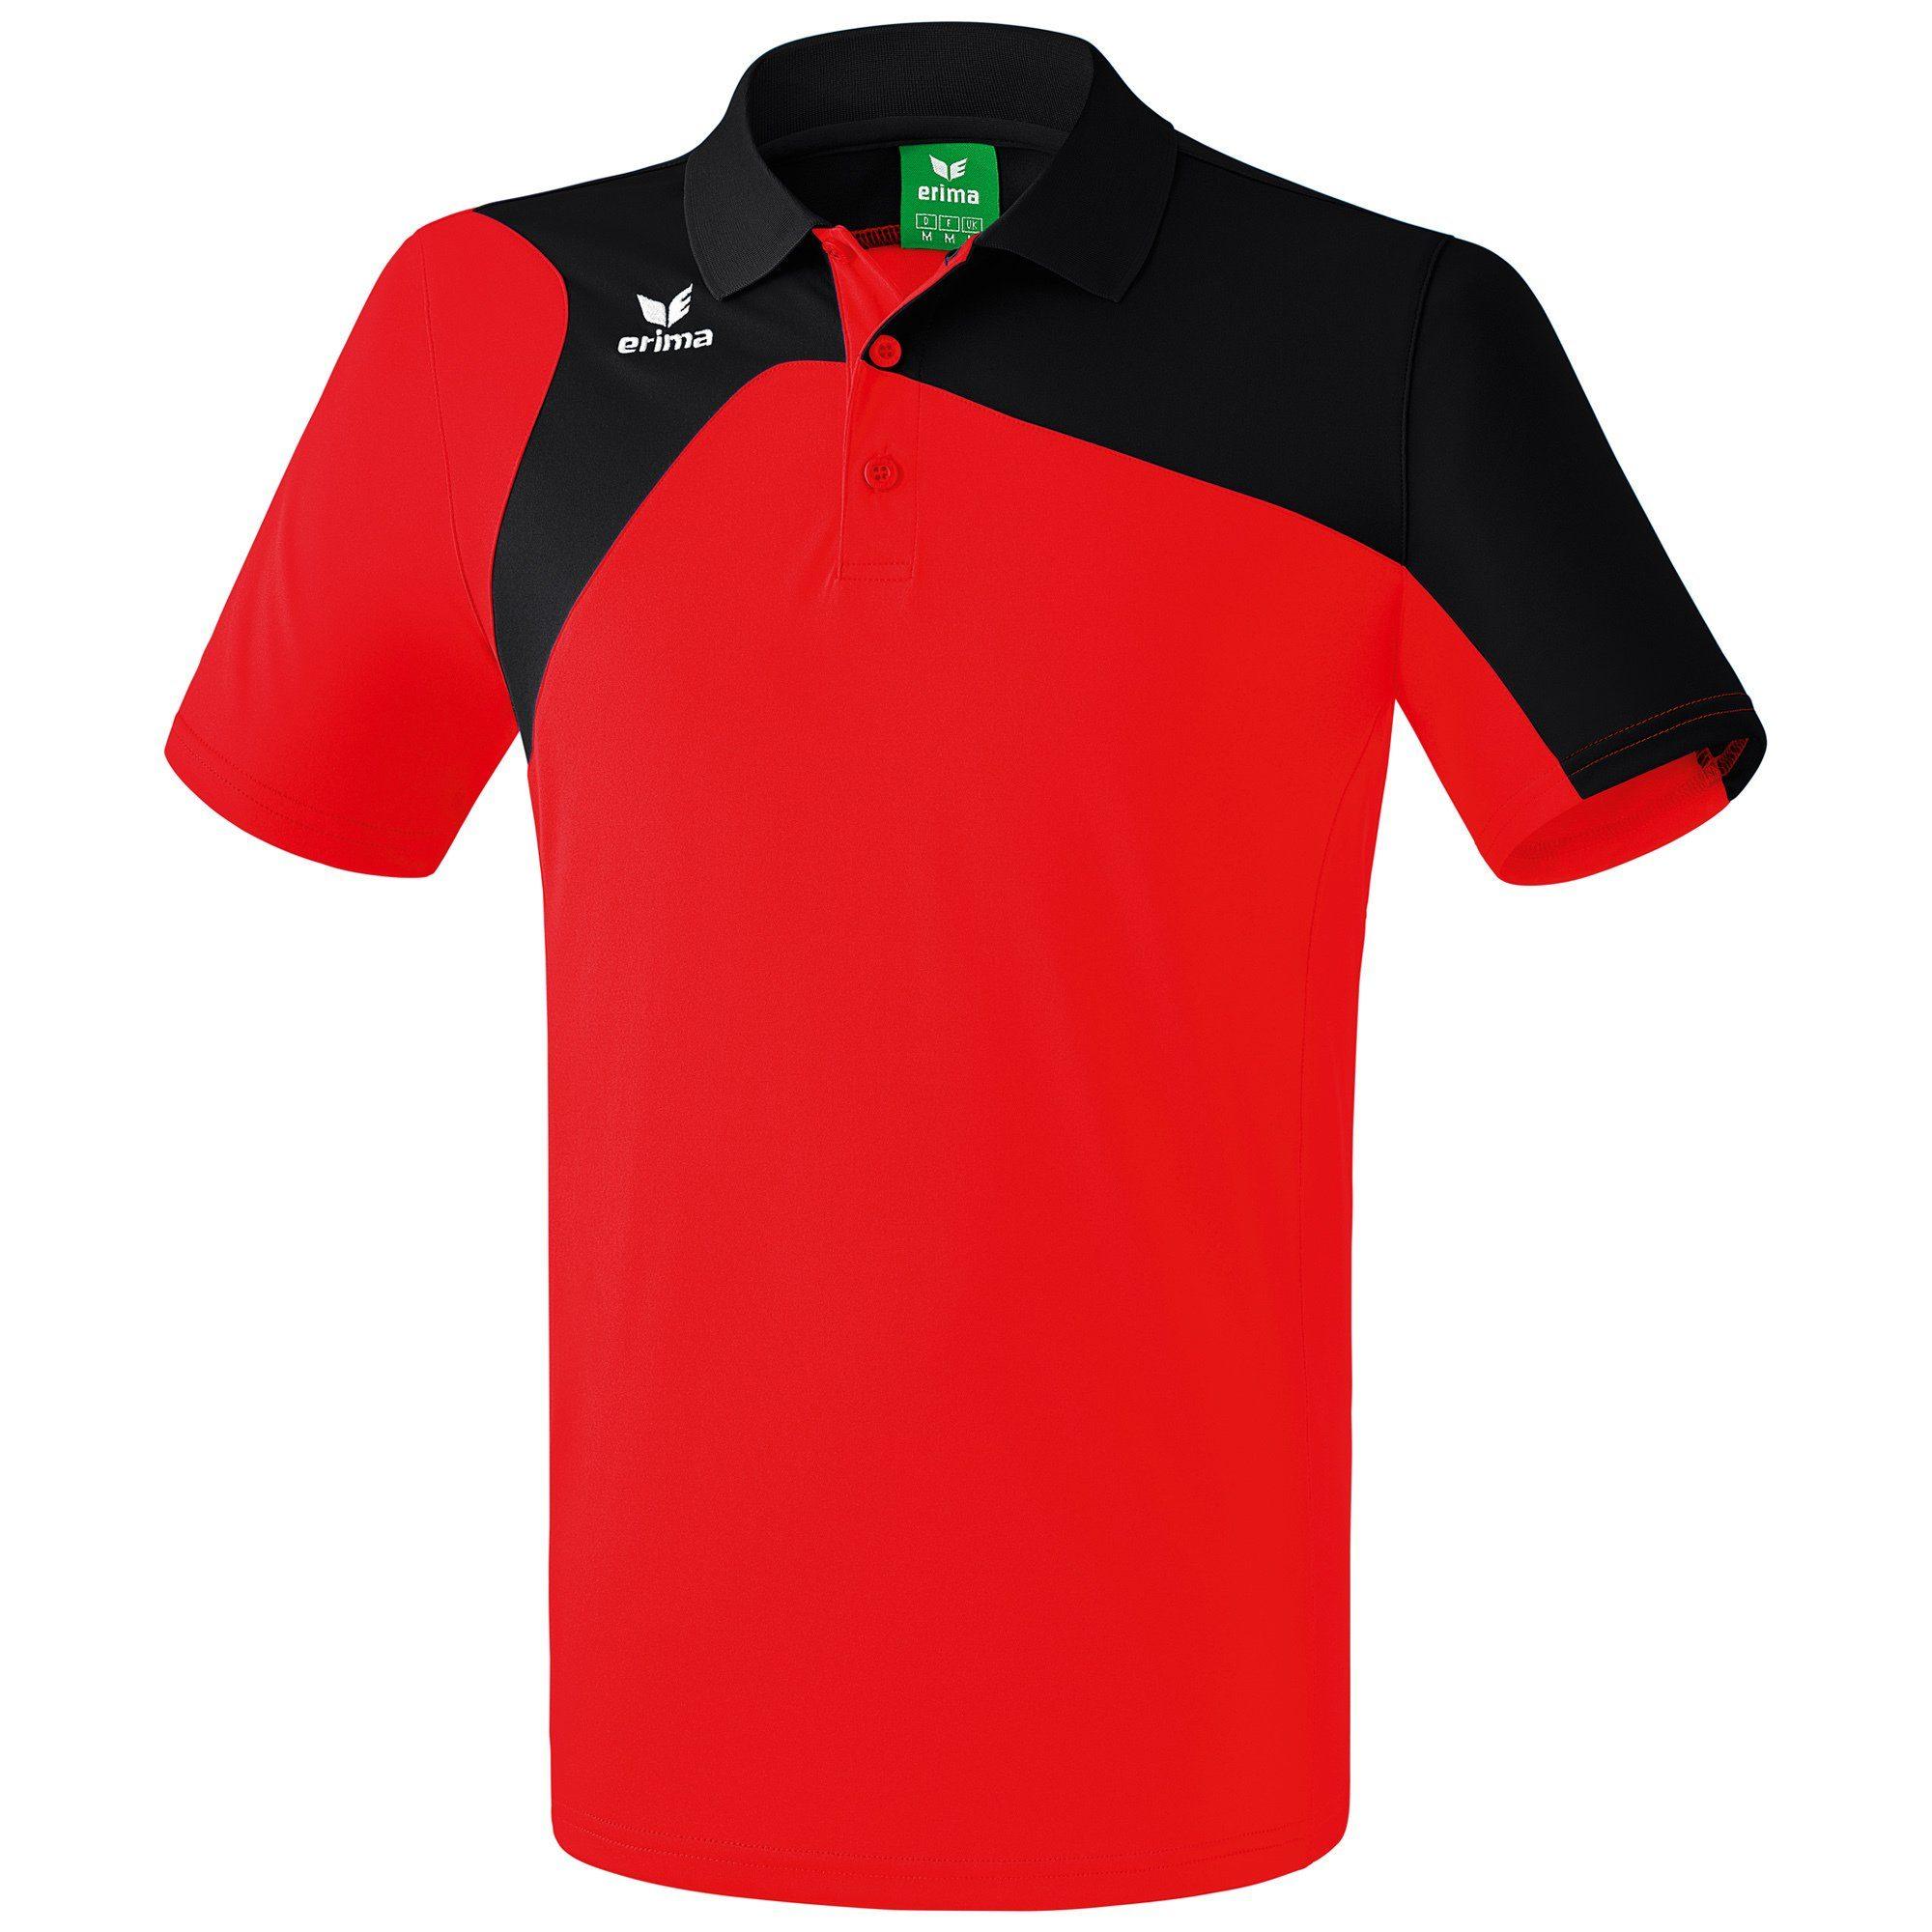 Erima Club 1900 2.0 Poloshirt Herren online kaufen | OTTO